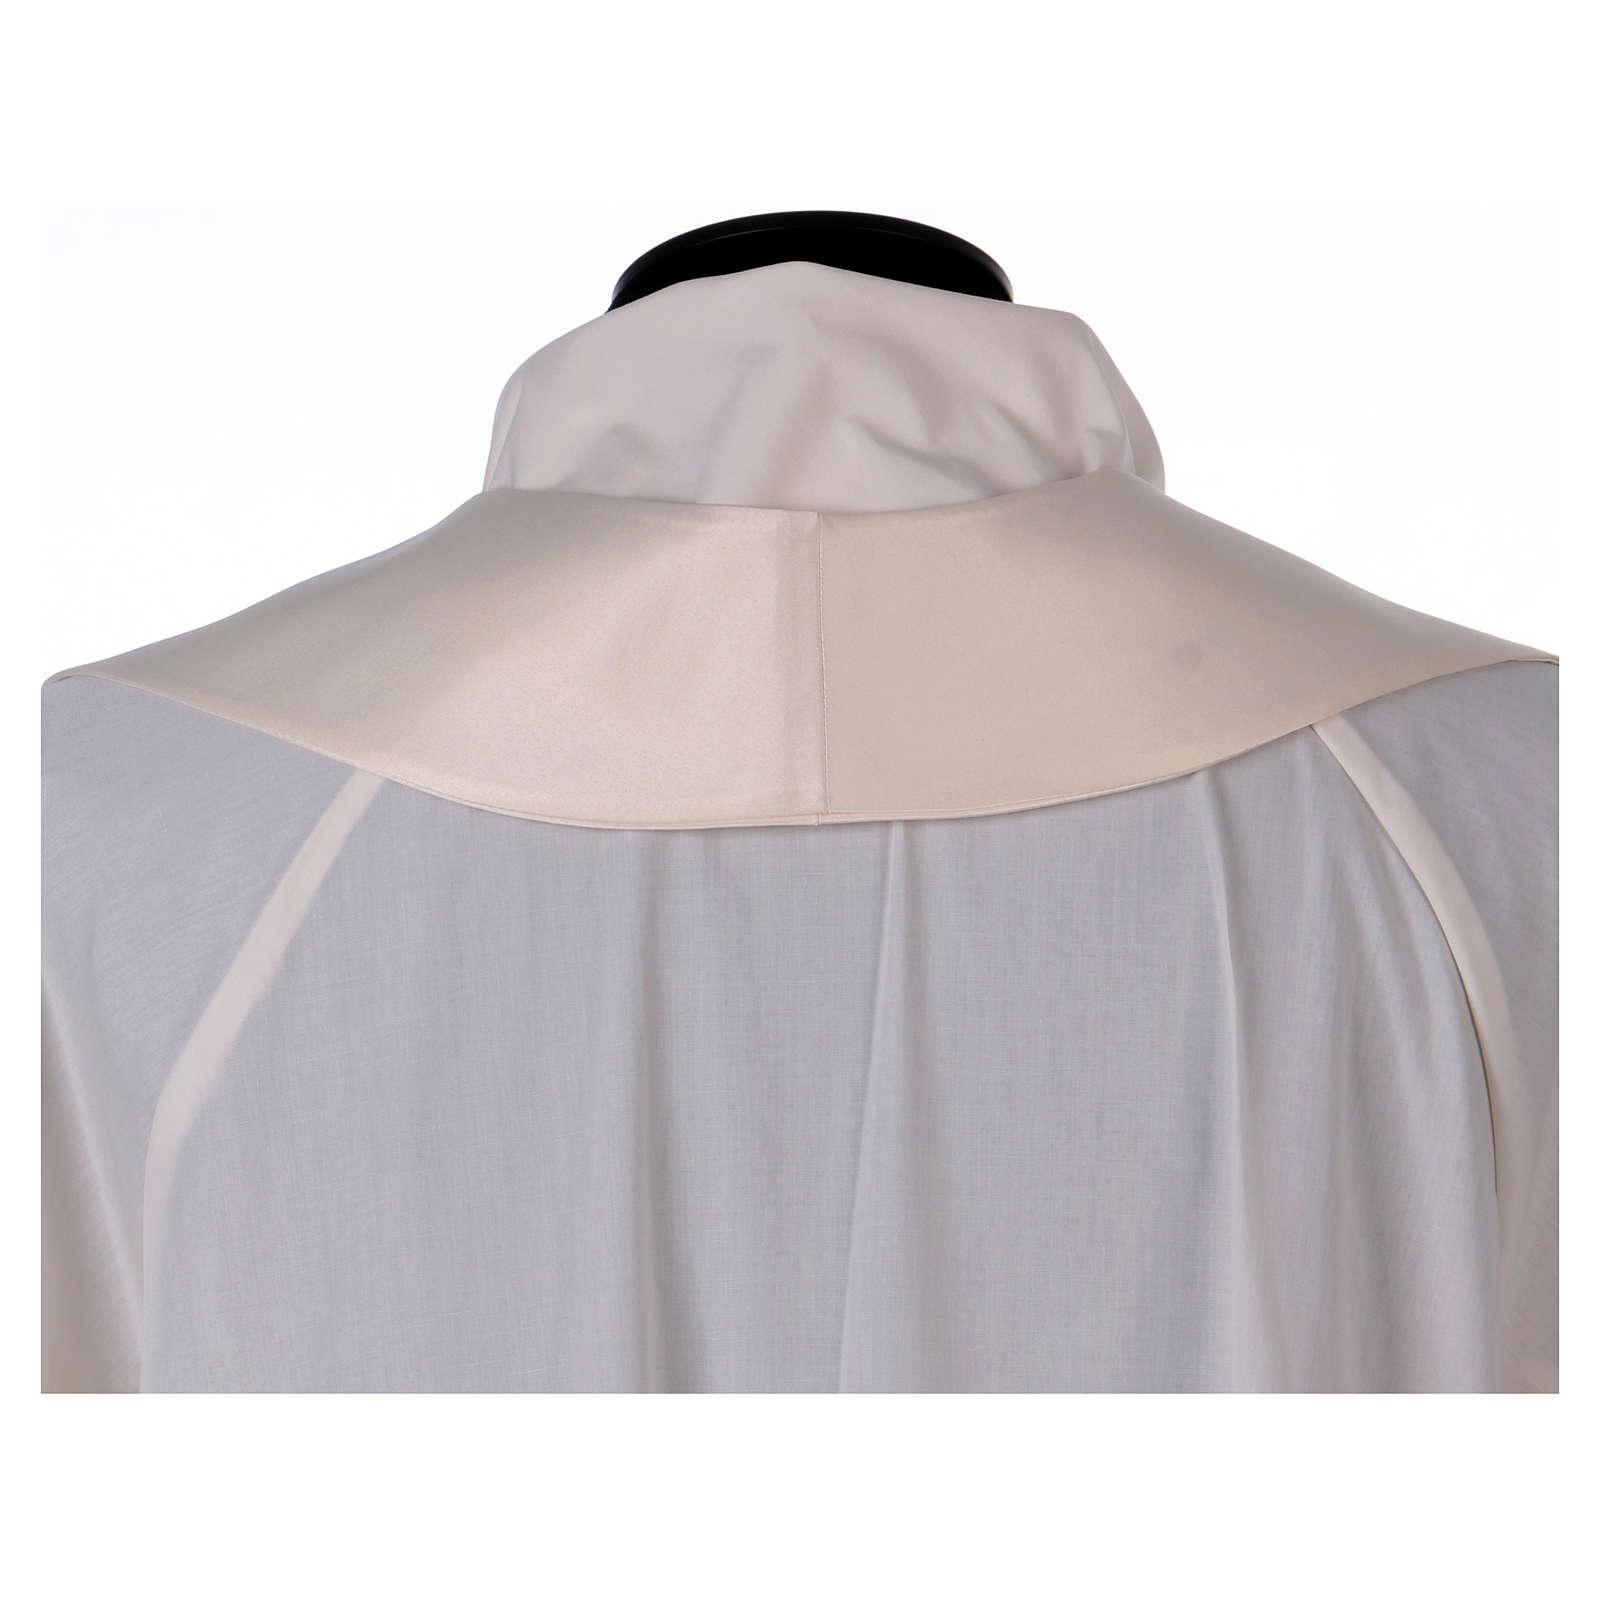 Stola sacerdotale ricamo a mano misto seta Monastero Montesole 4